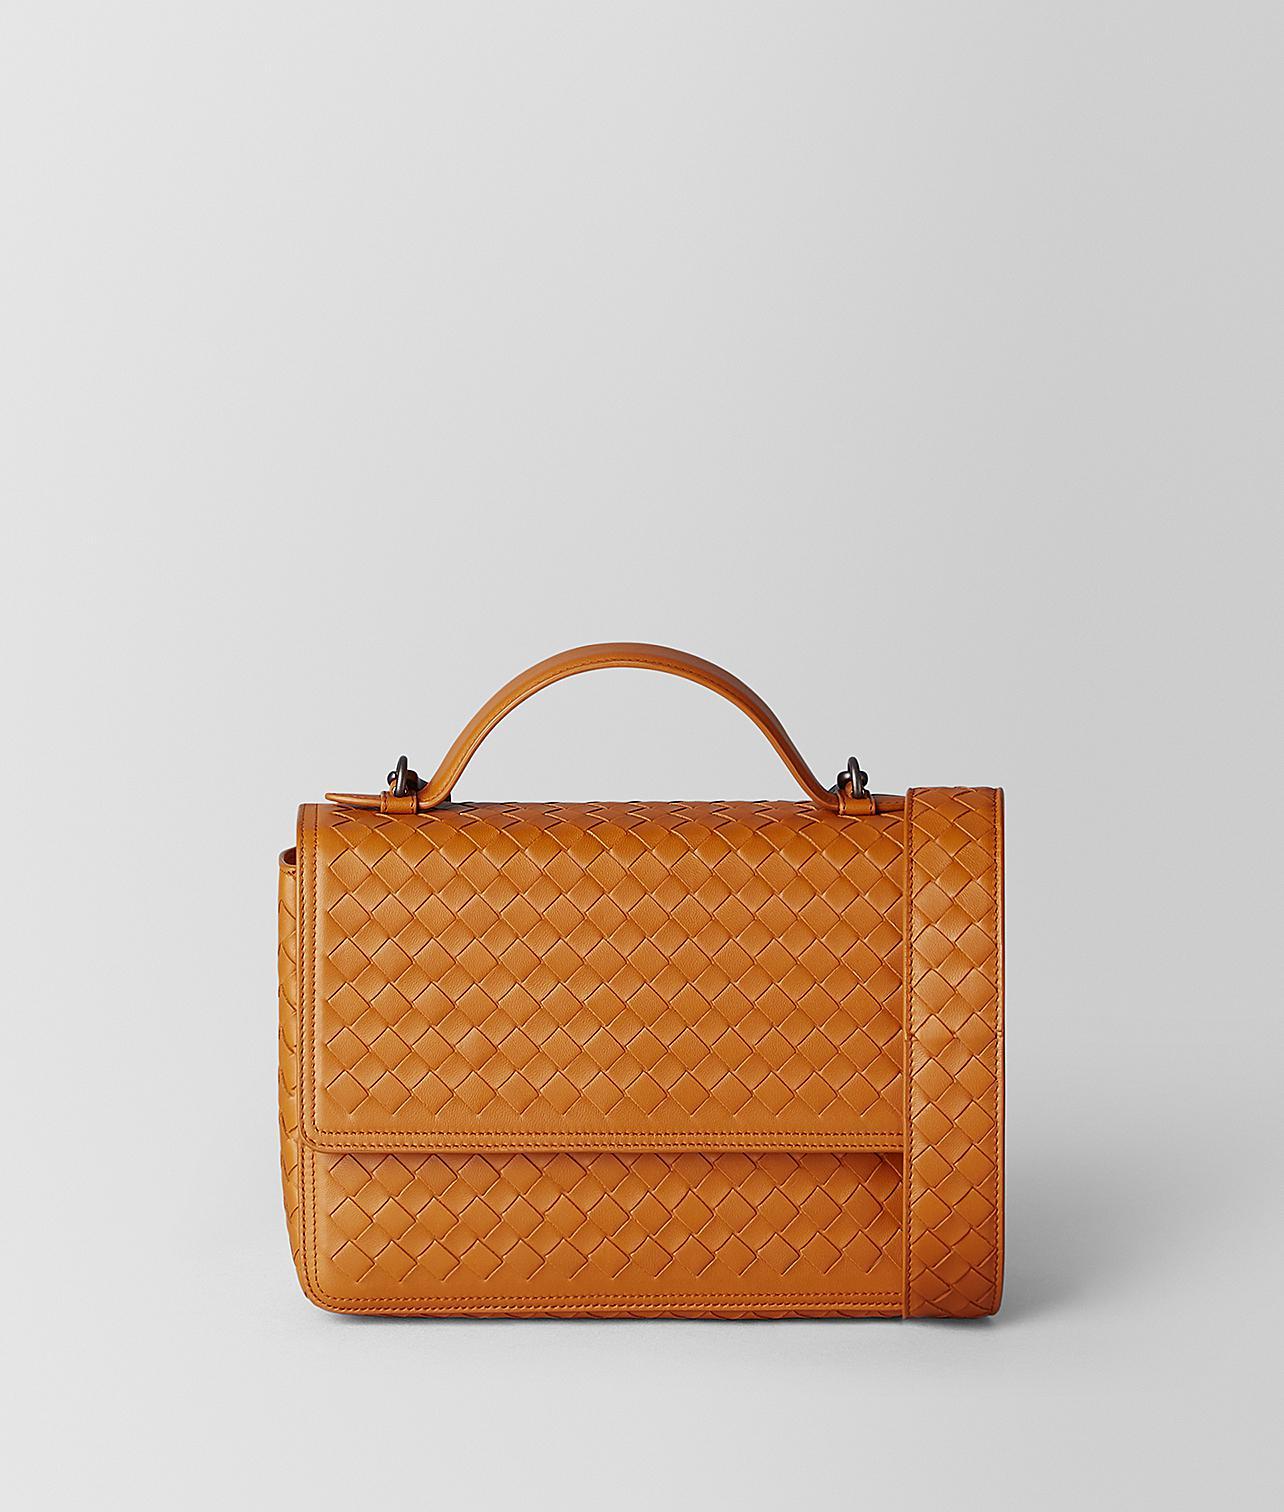 b01ccf40f6 Bottega Veneta Nero Intrecciato Nappa Alumna Bag in Orange - Lyst